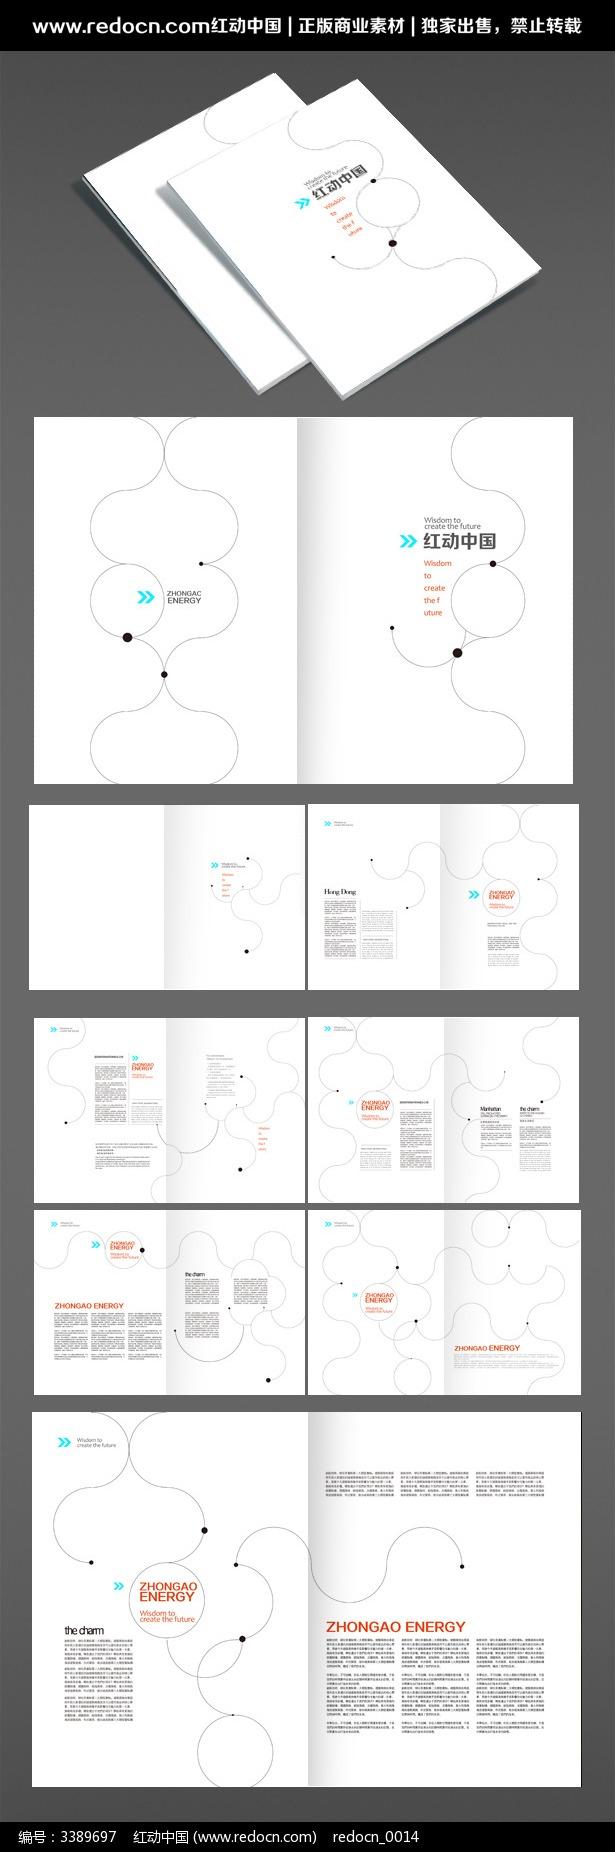 简洁大气画册排版设计图片